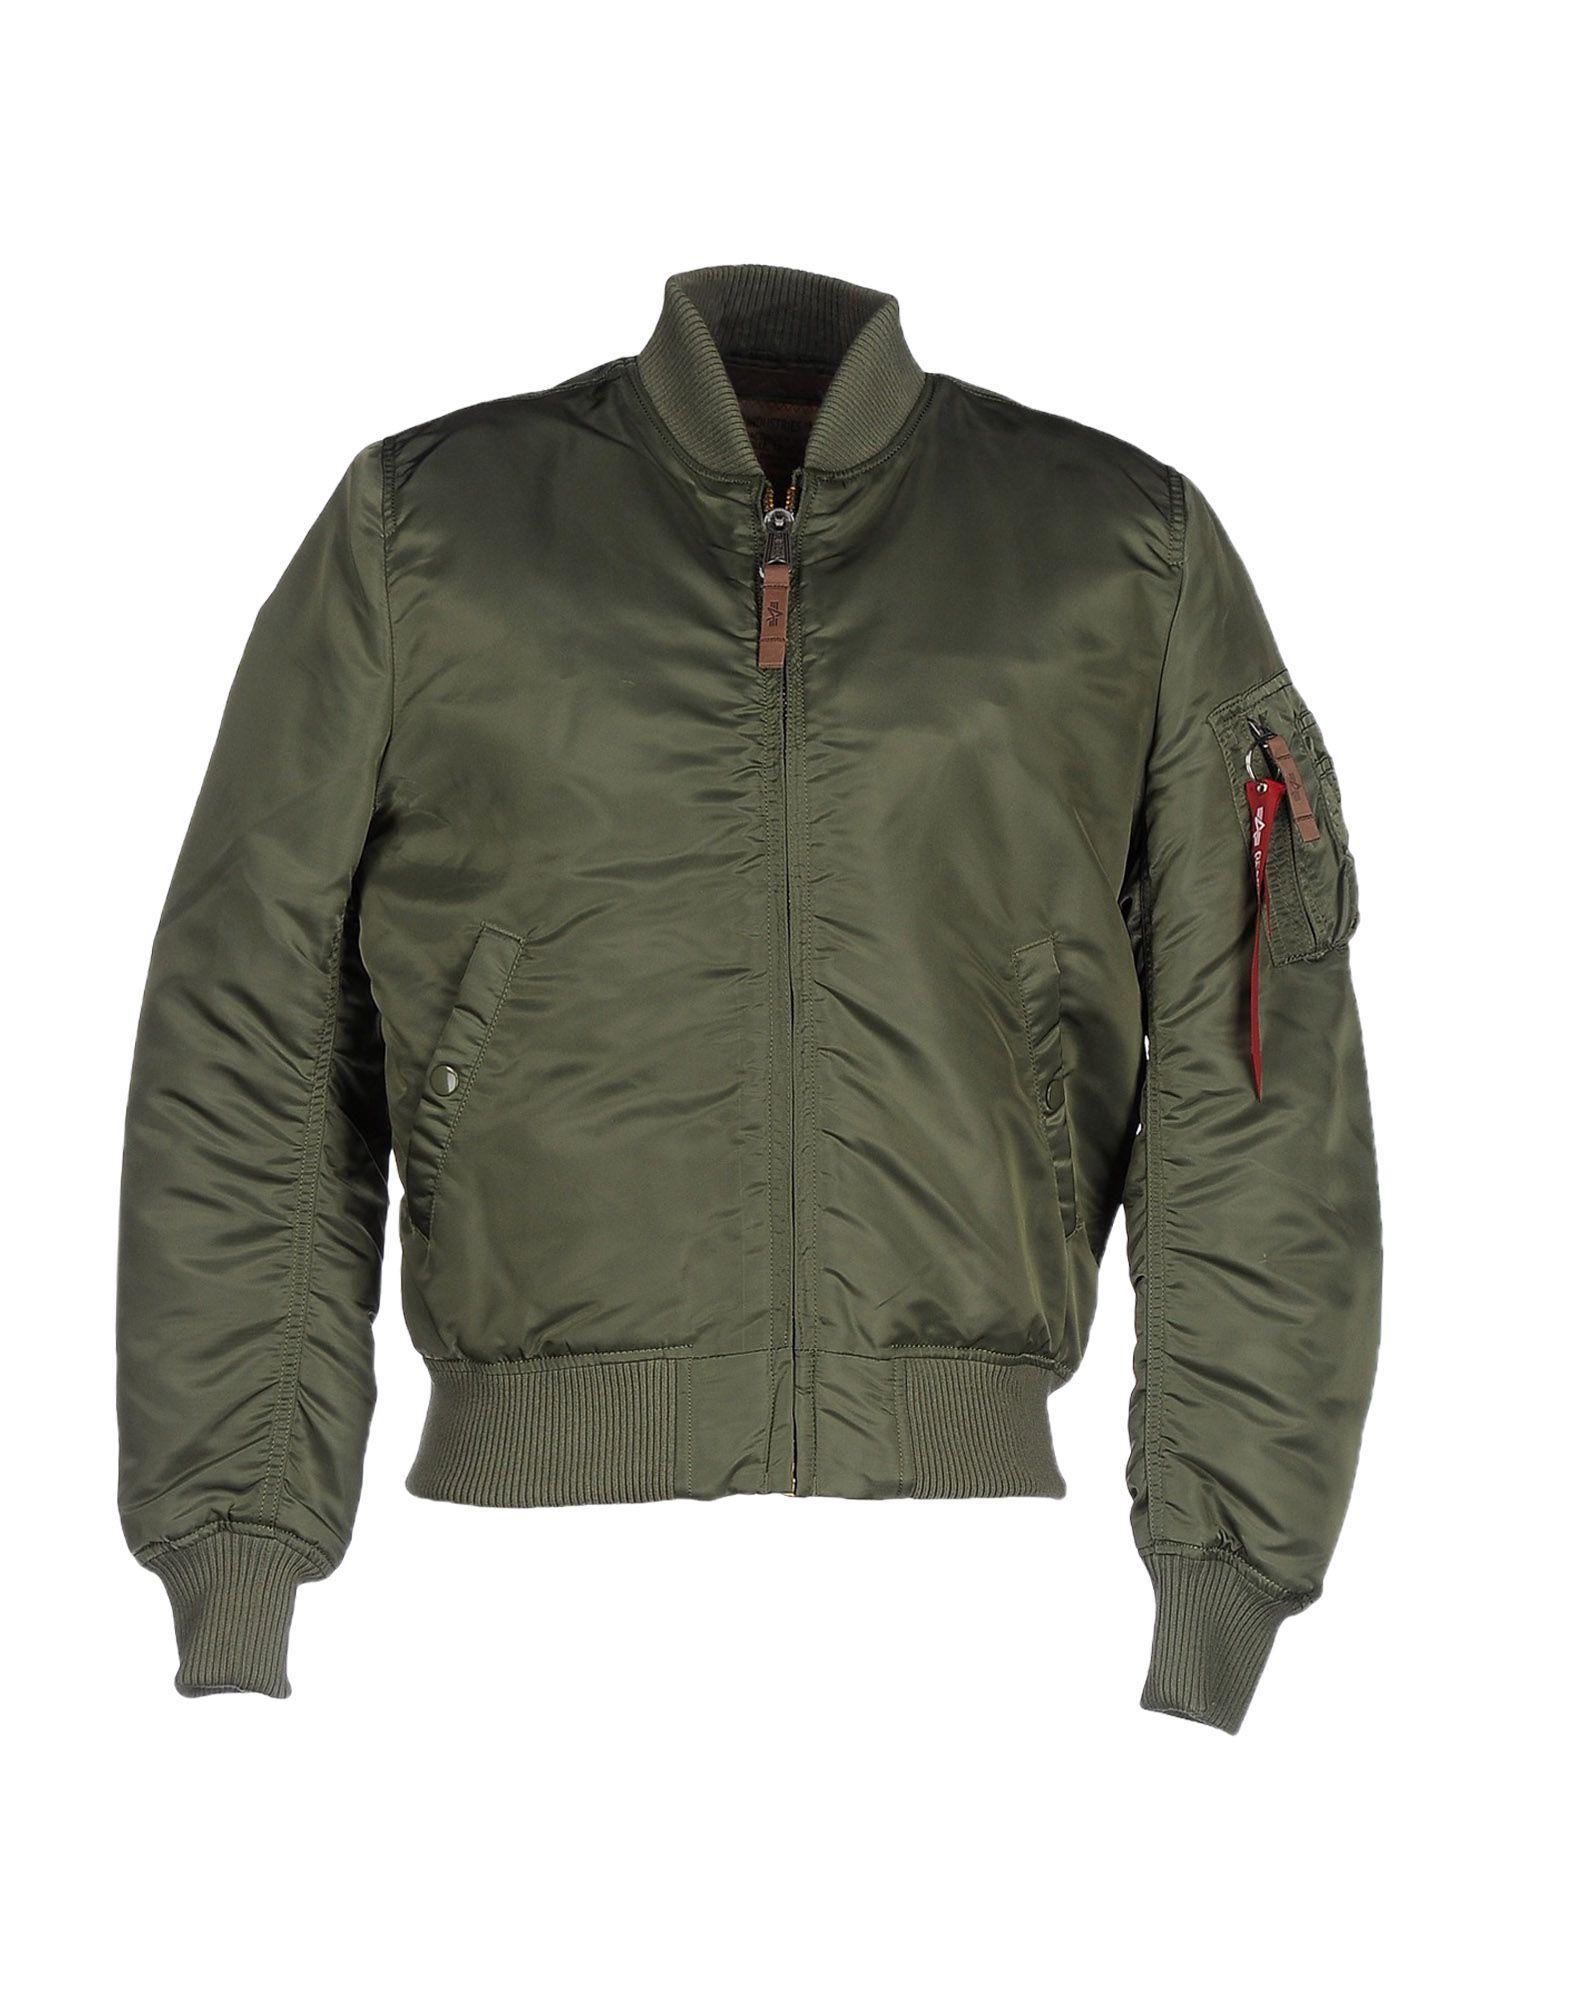 ALPHA INDUSTRIES INC. Herren Jacke Farbe Militärgrün Größe 8